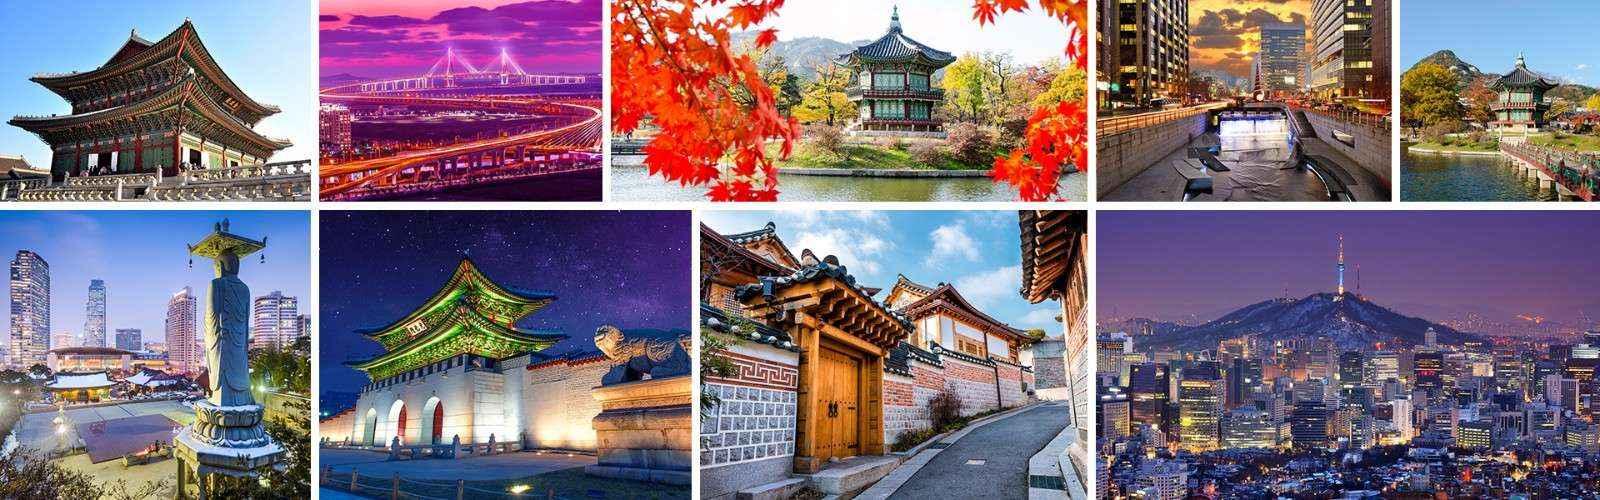 Hàn Quốc – điểm du lịch hấp dẫn không thể bỏ qua